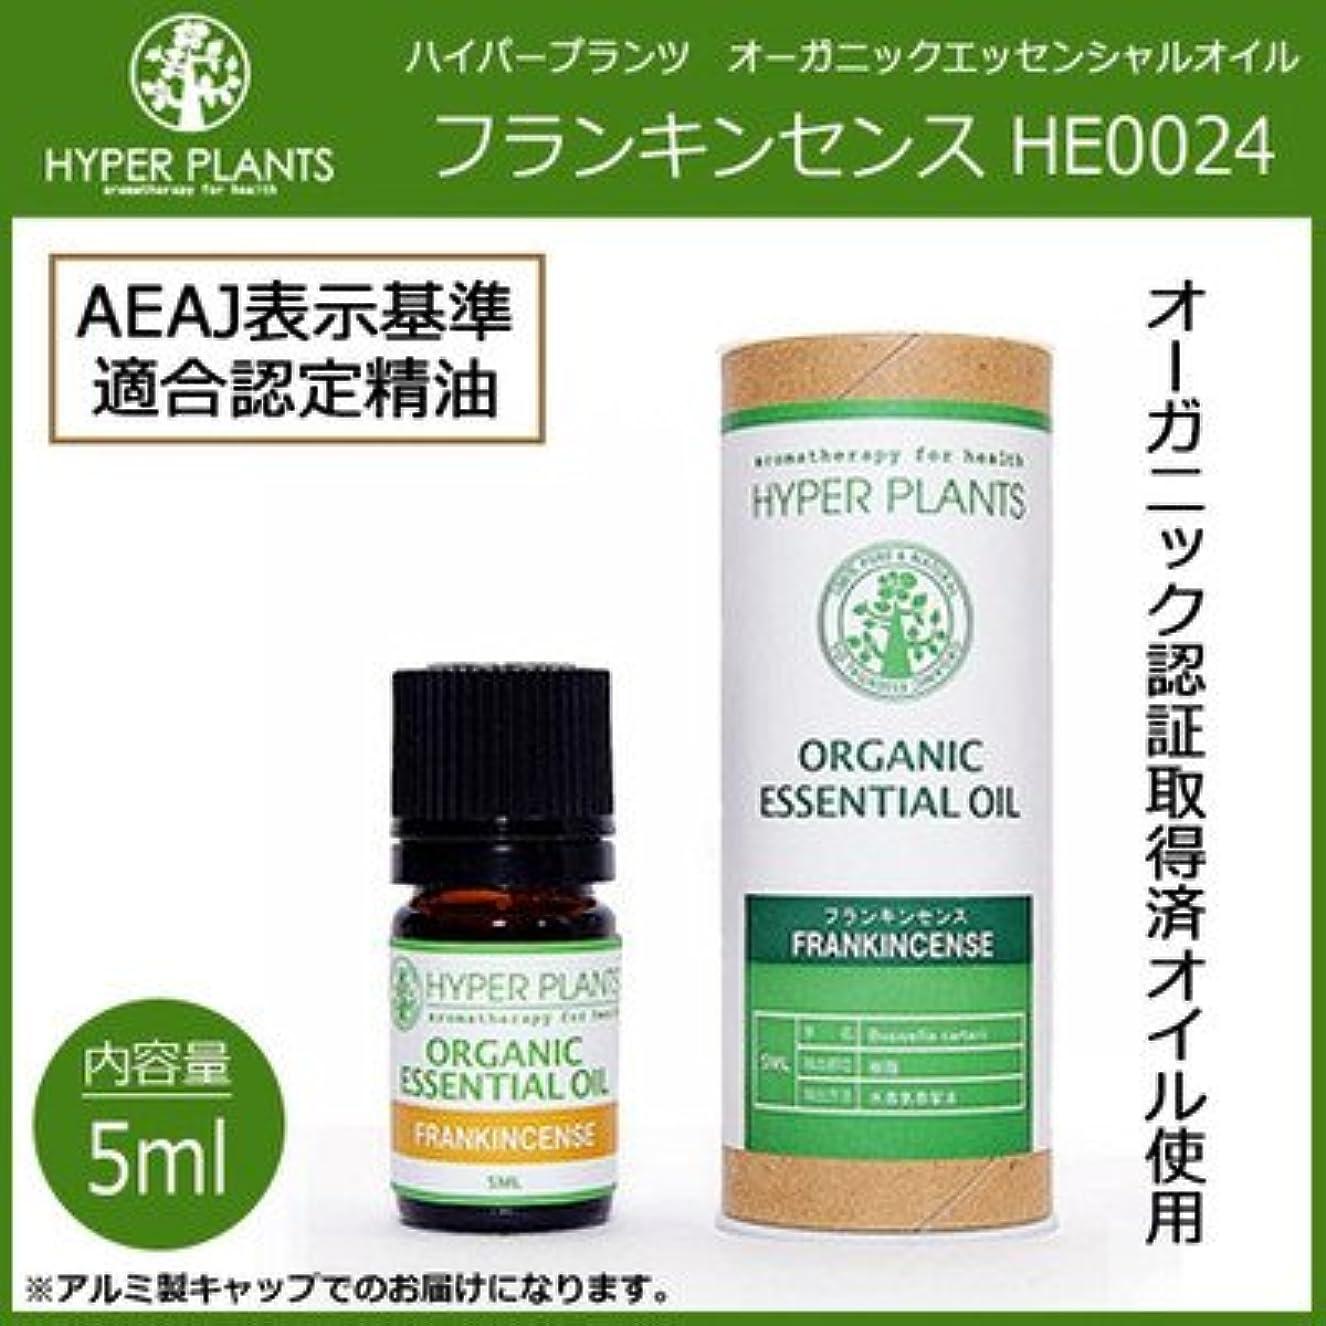 食品取得するしばしば毎日の生活にアロマの香りを HYPER PLANTS ハイパープランツ オーガニックエッセンシャルオイル フランキンセンス 5ml HE0024